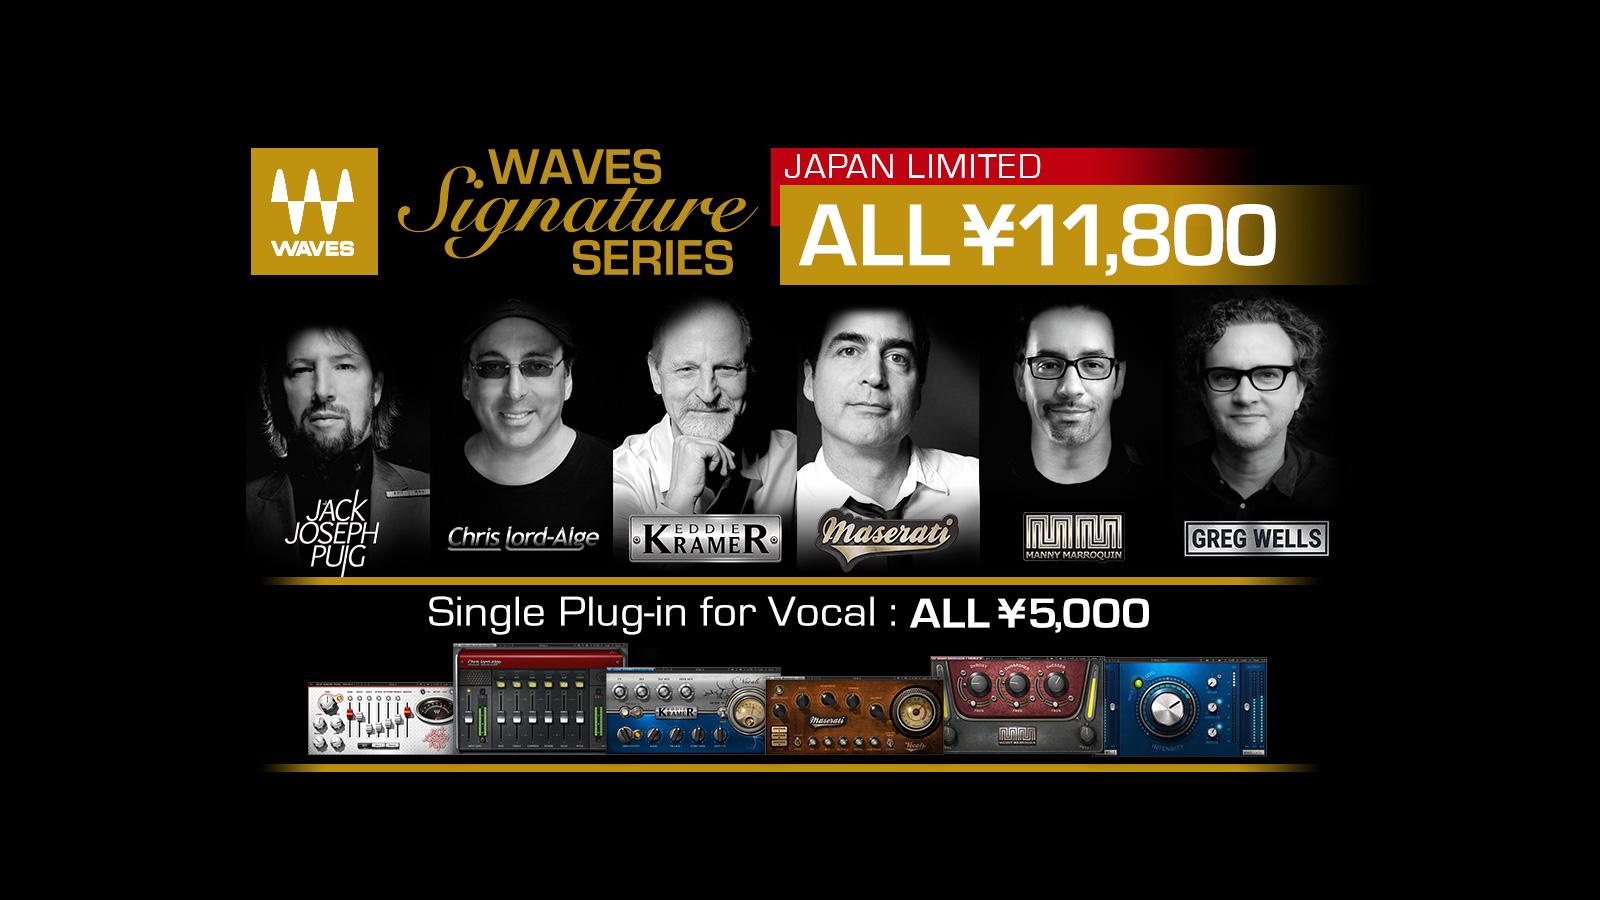 日本限定 Waves Signature Special